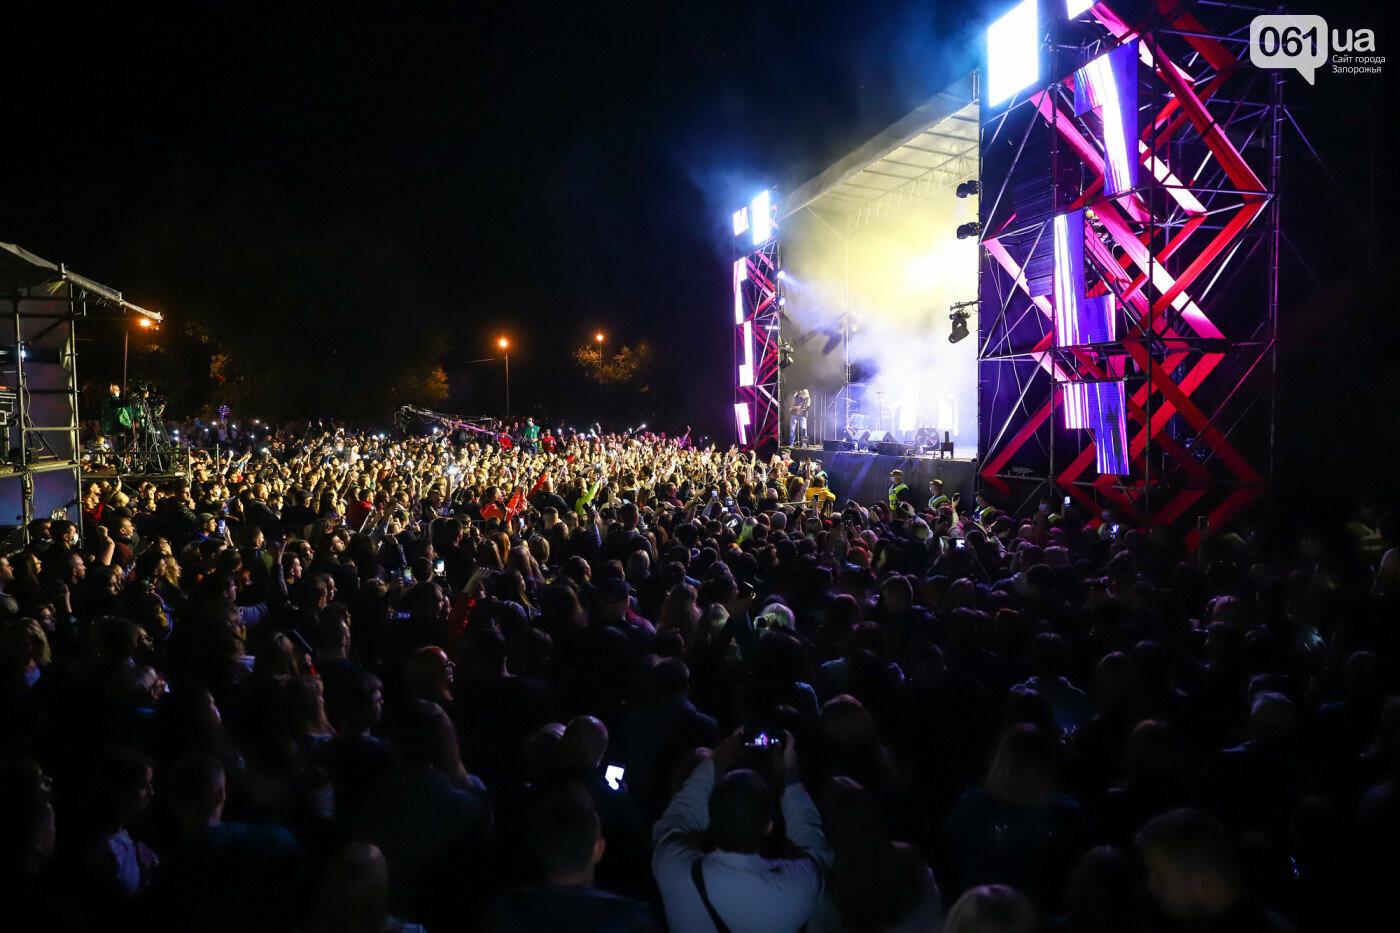 """""""Извините, это просто трэш"""" - министр здравоохранения прокомментировал проведение запорожского фестиваля Khortytsia Freedom, фото-3"""